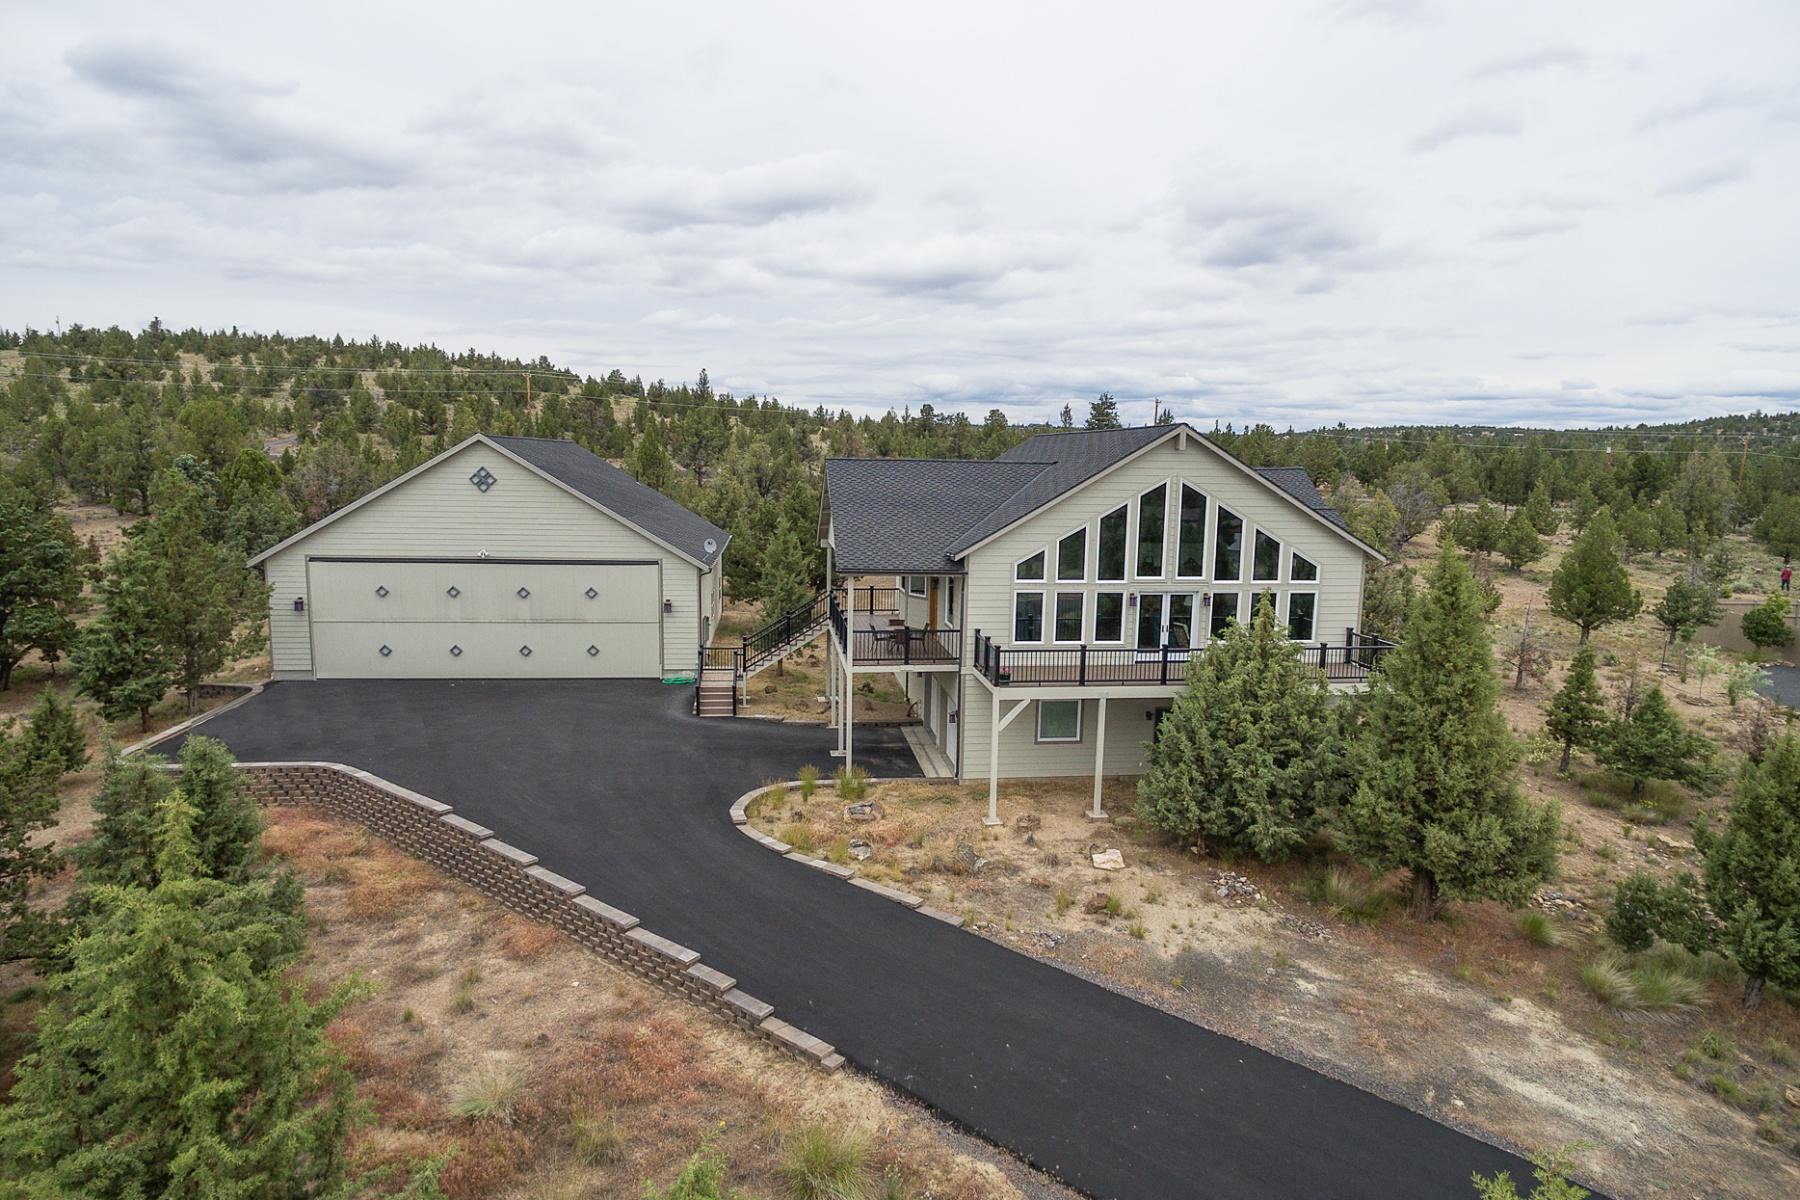 Casa Unifamiliar por un Venta en 2321 SE Landings Way, PRINEVILLE Prineville, Oregon, 97754 Estados Unidos